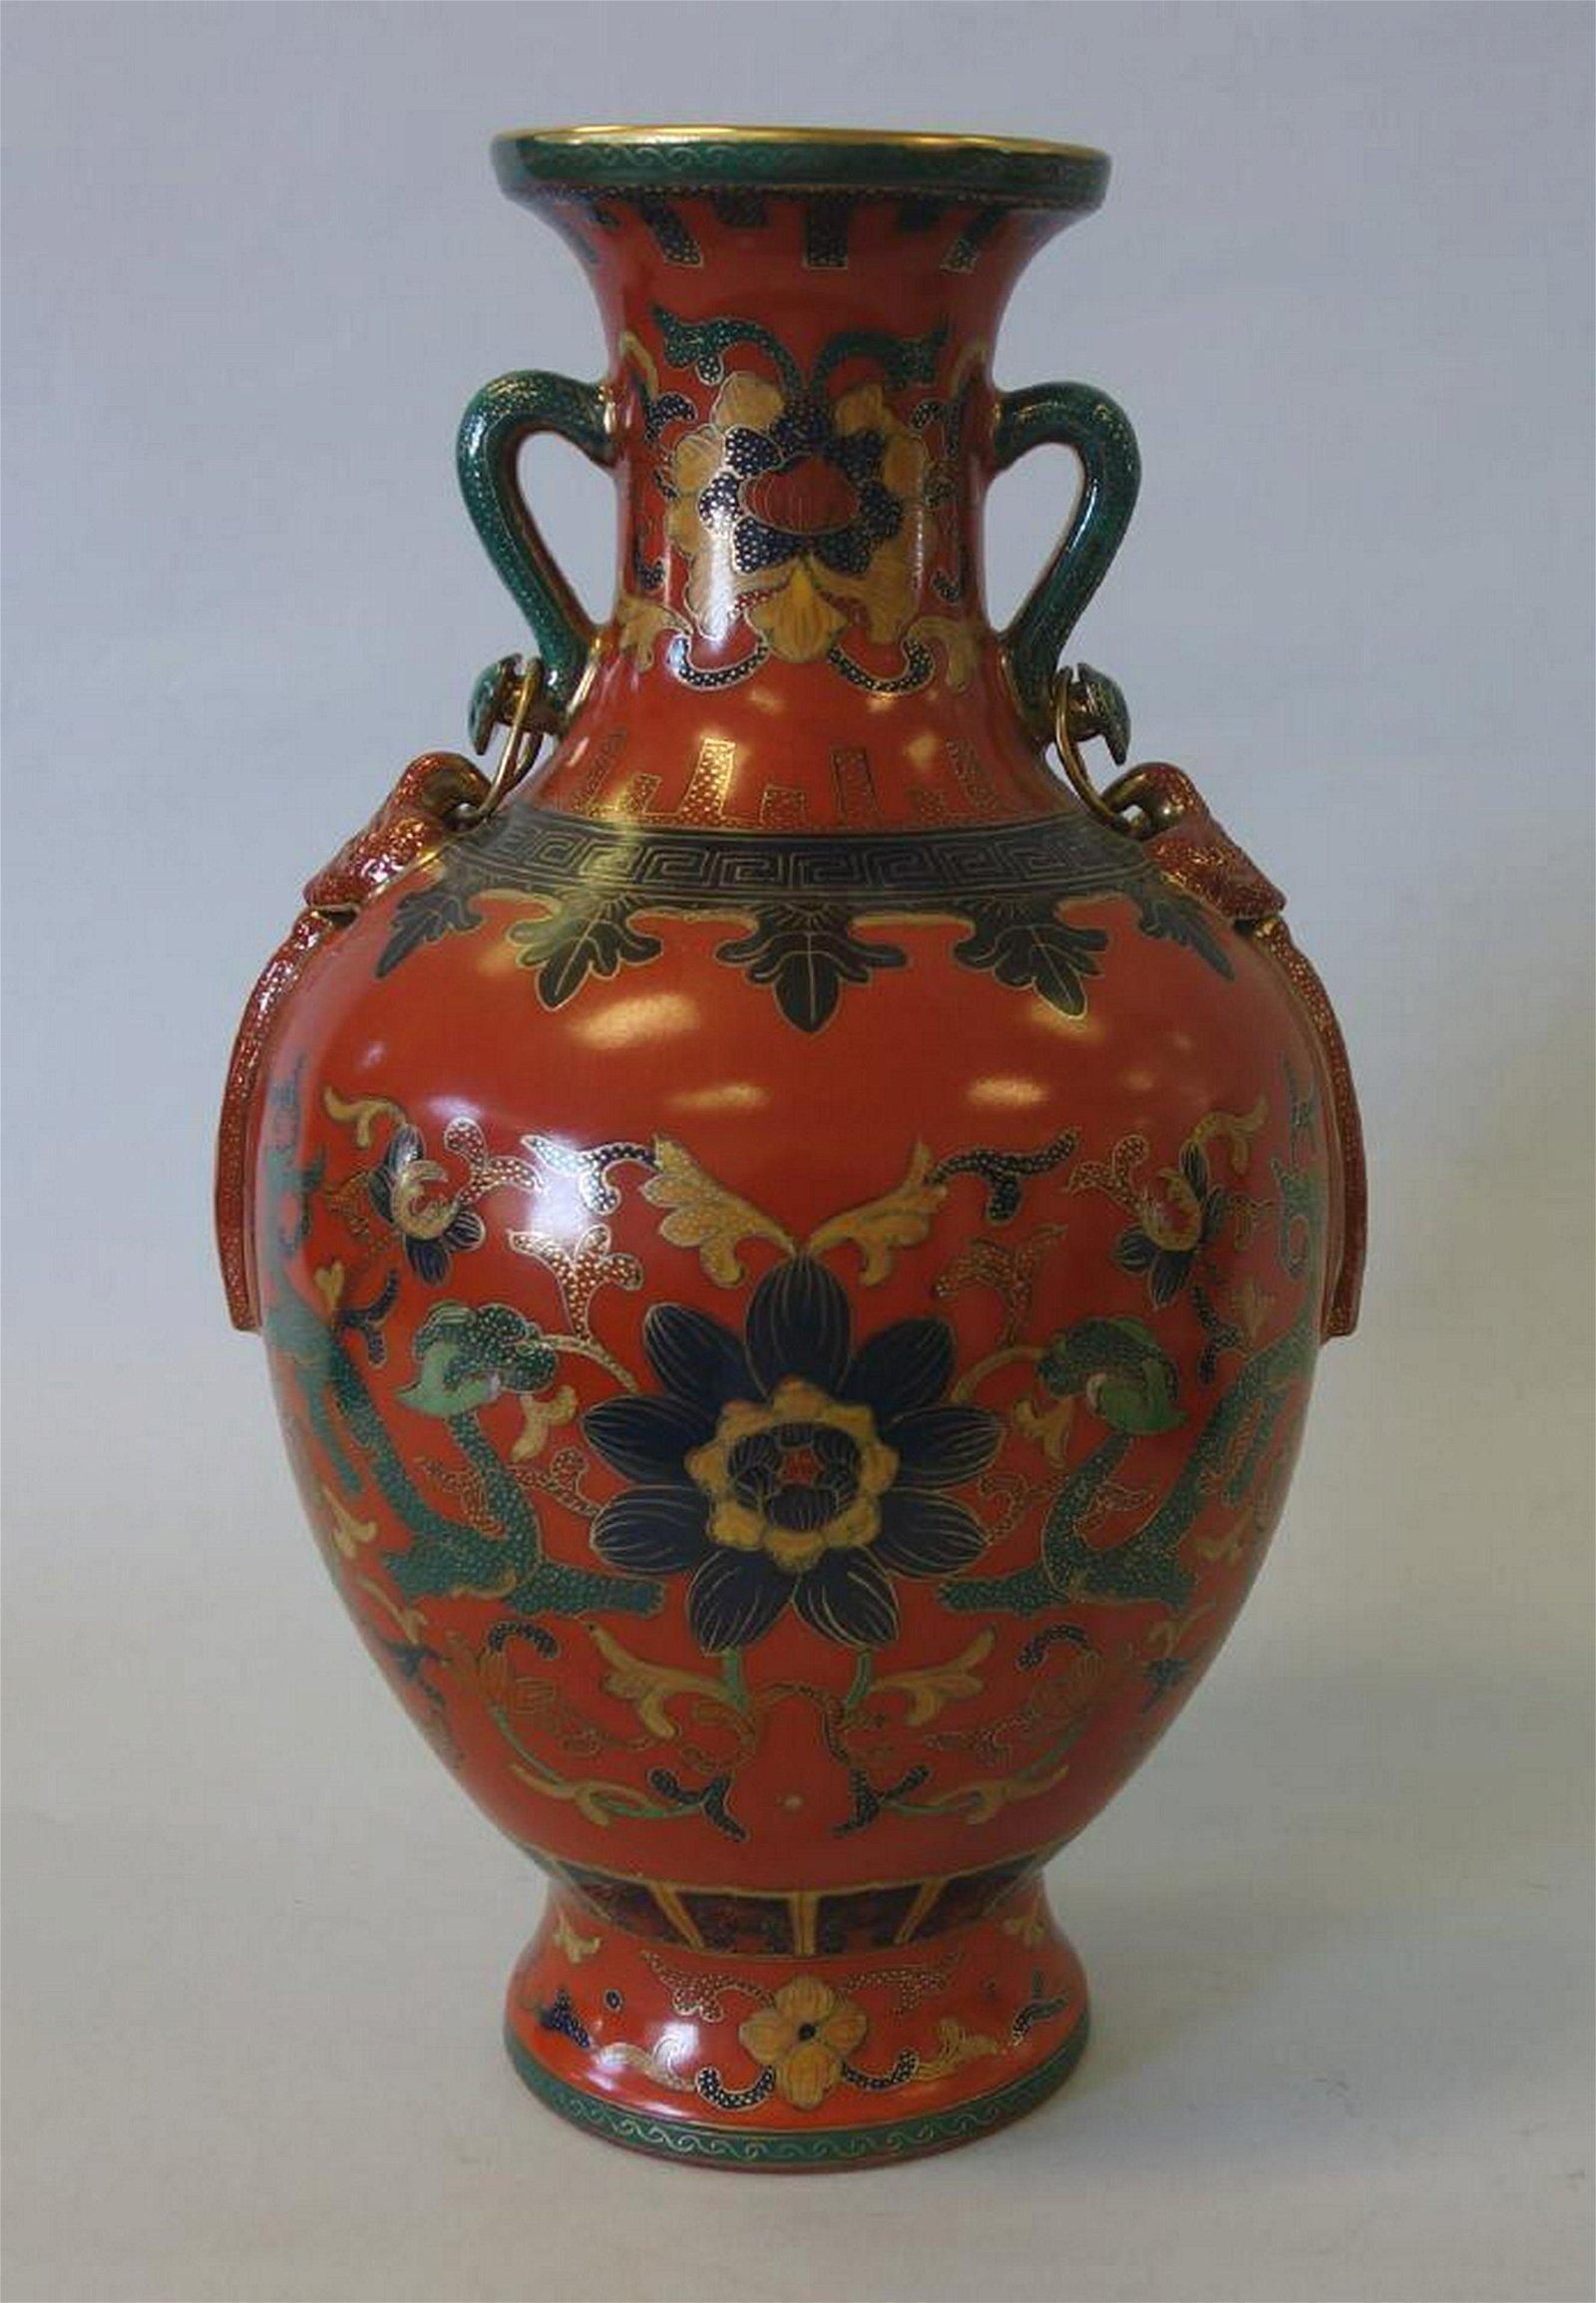 Chinese Iron Red Porcelain & Enamel Vase